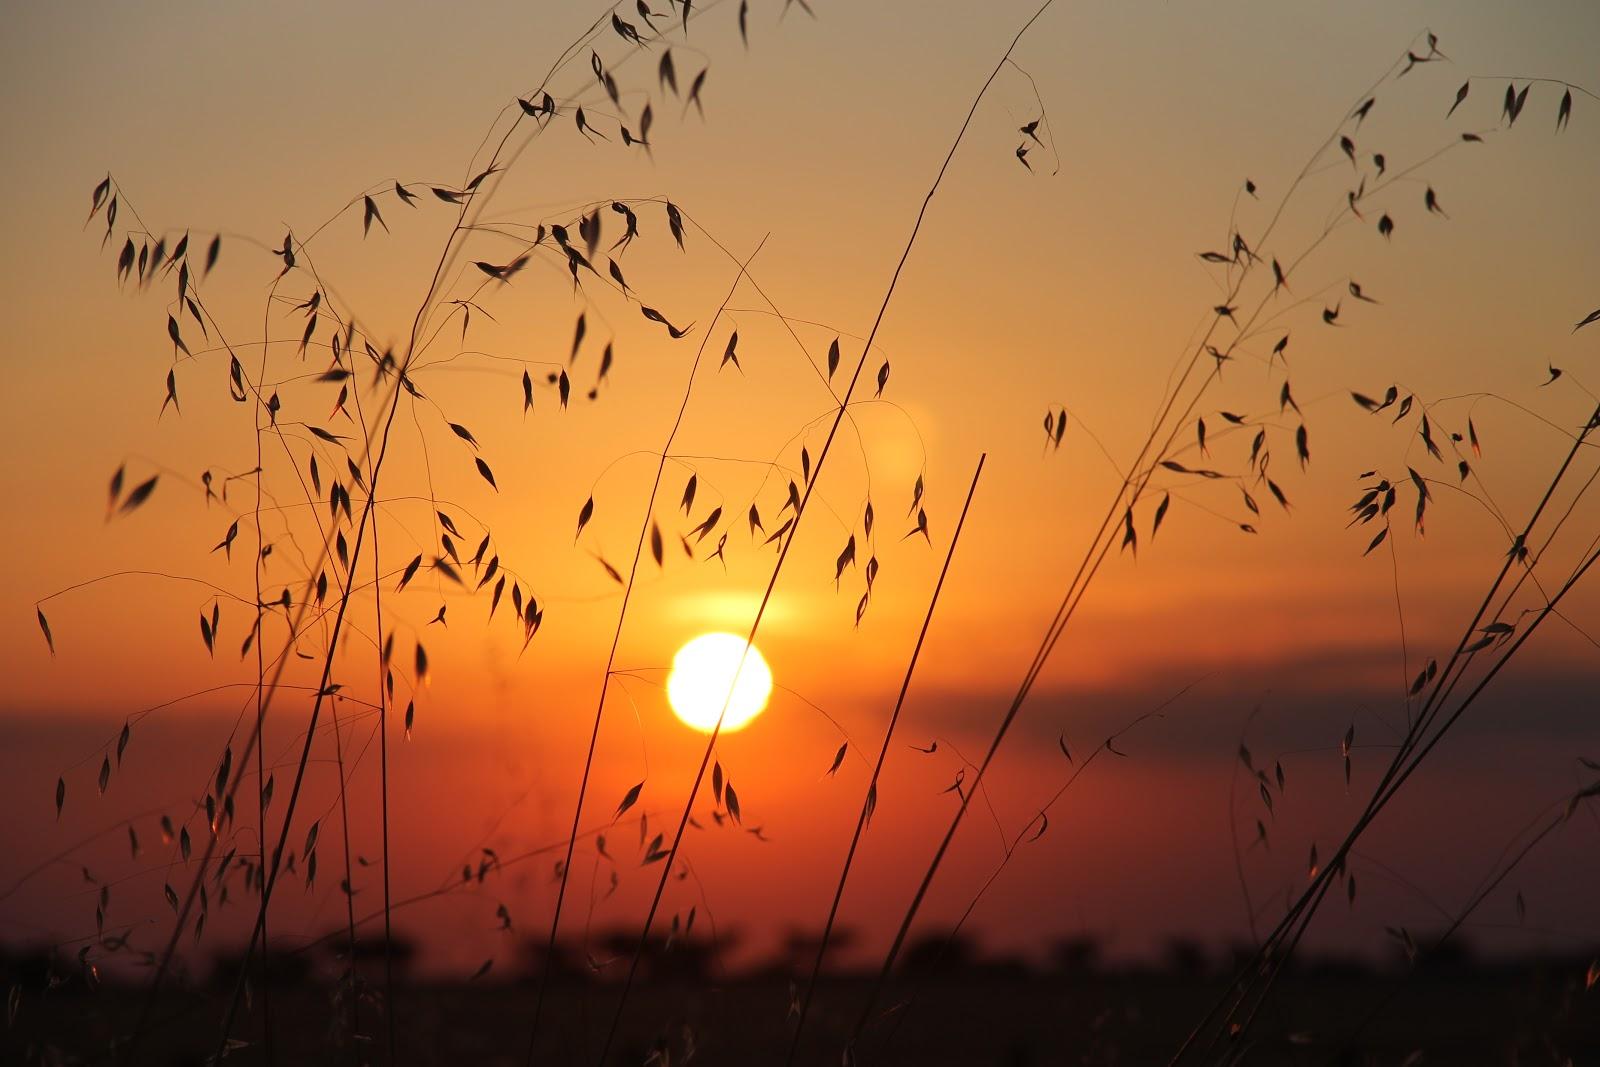 El blog de jes s estacion de boada al ponerse el sol en oto o for Hora puerta del sol